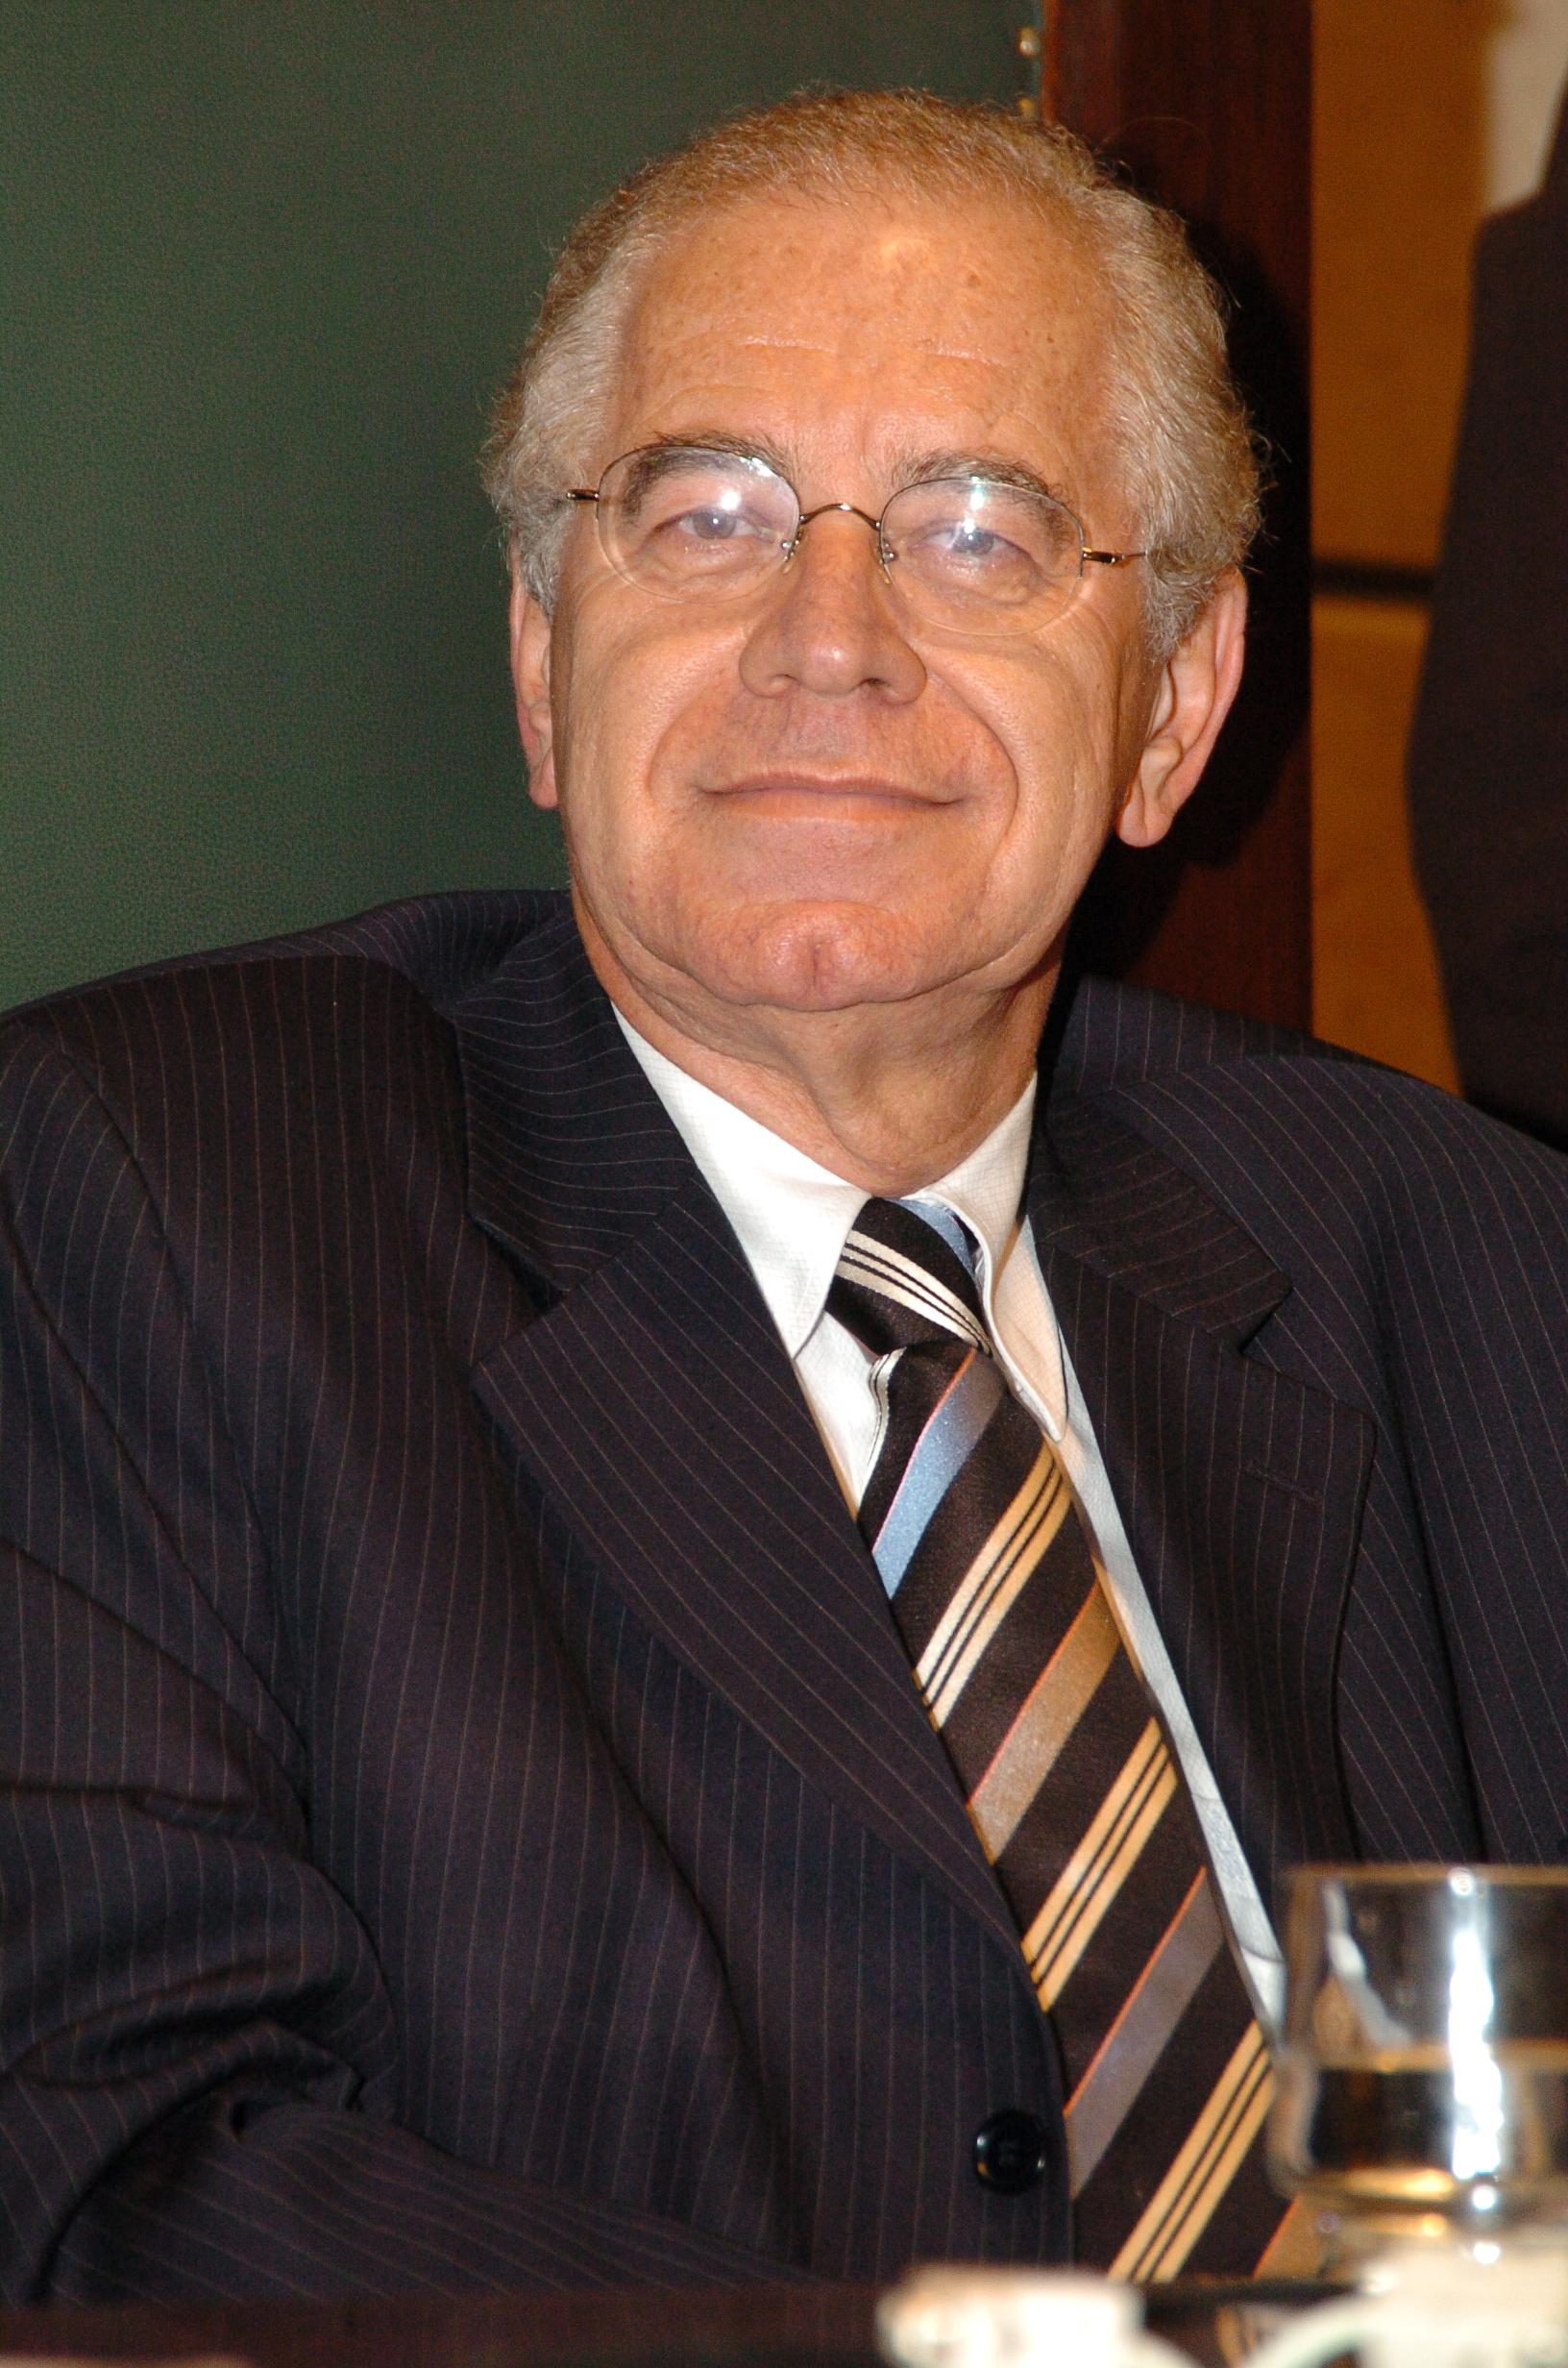 Lucio Marques - Presidente do CVG/RJ e Diretor da Previsul